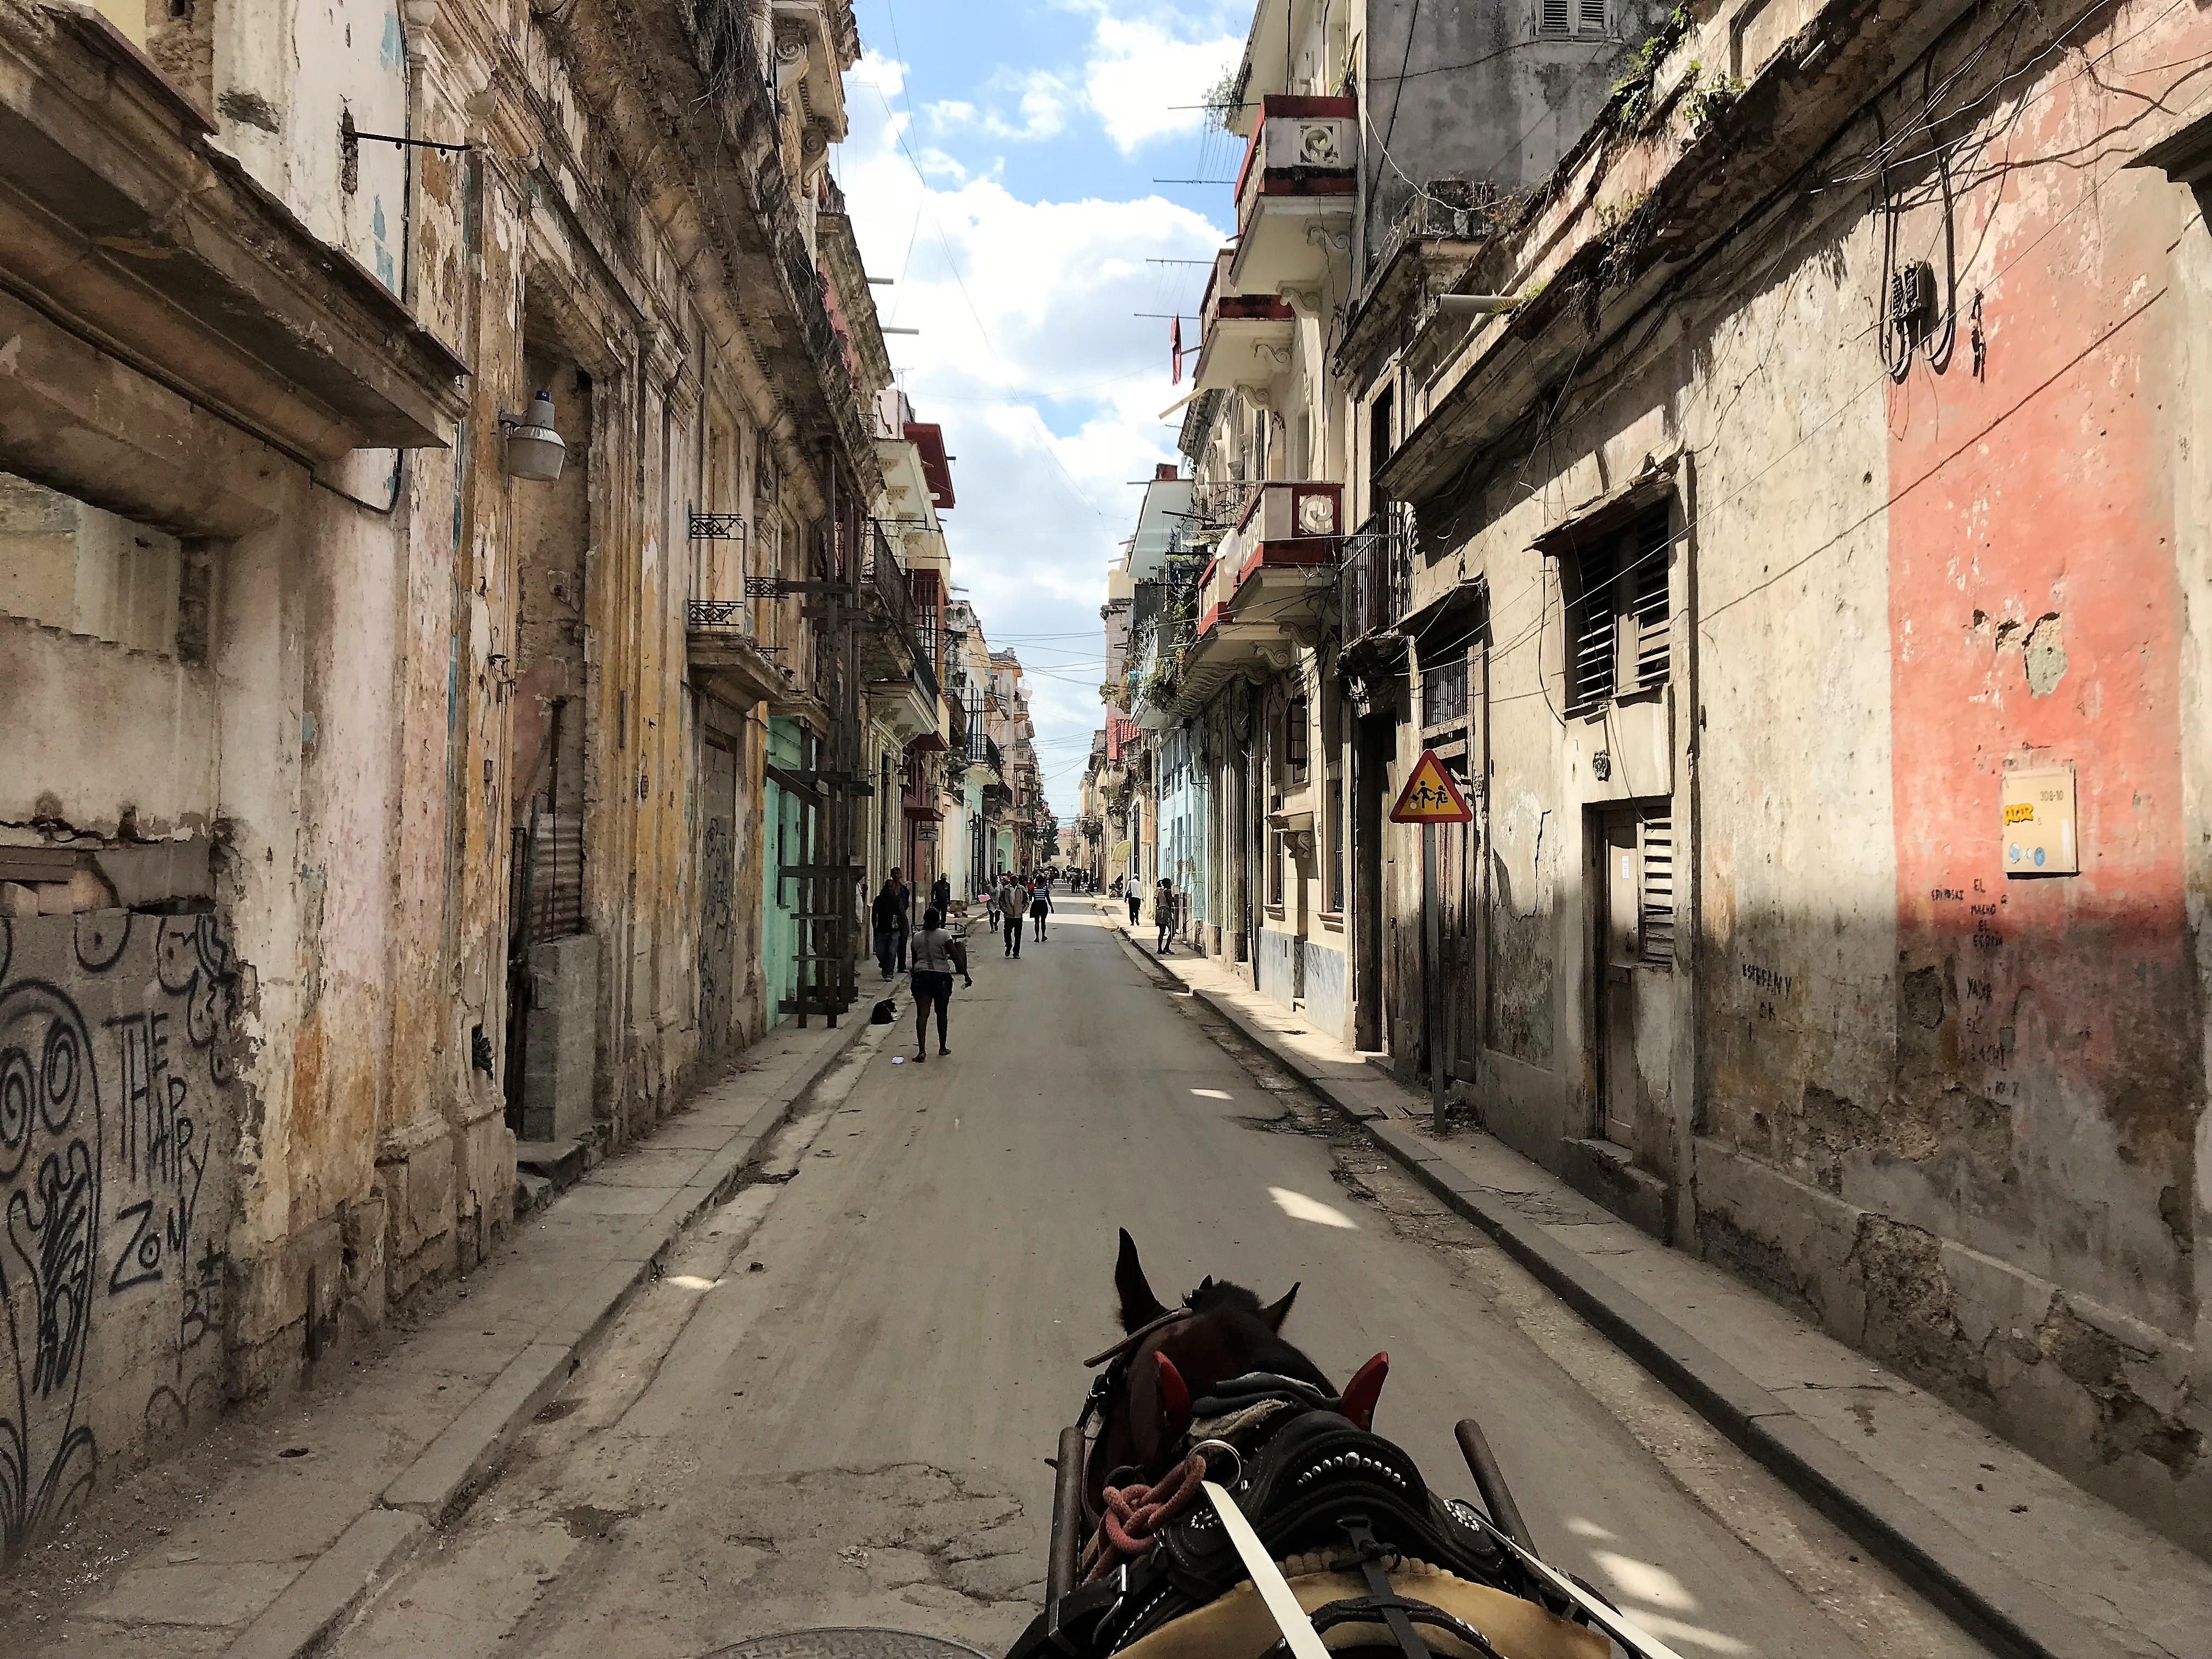 Vuelta en carruaje a caballo